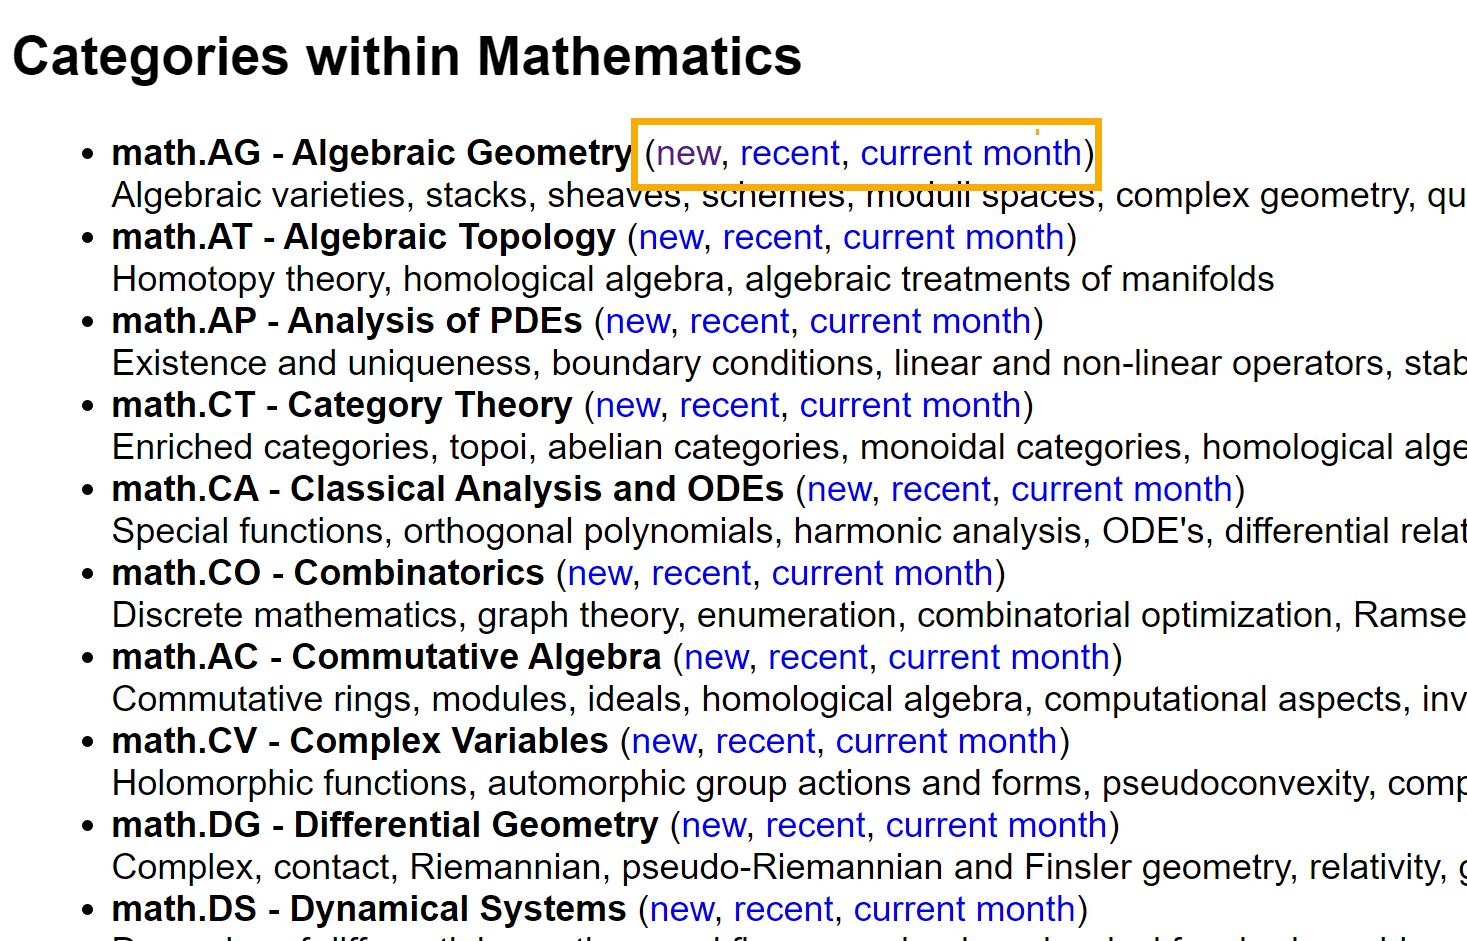 Screenshot of math categories